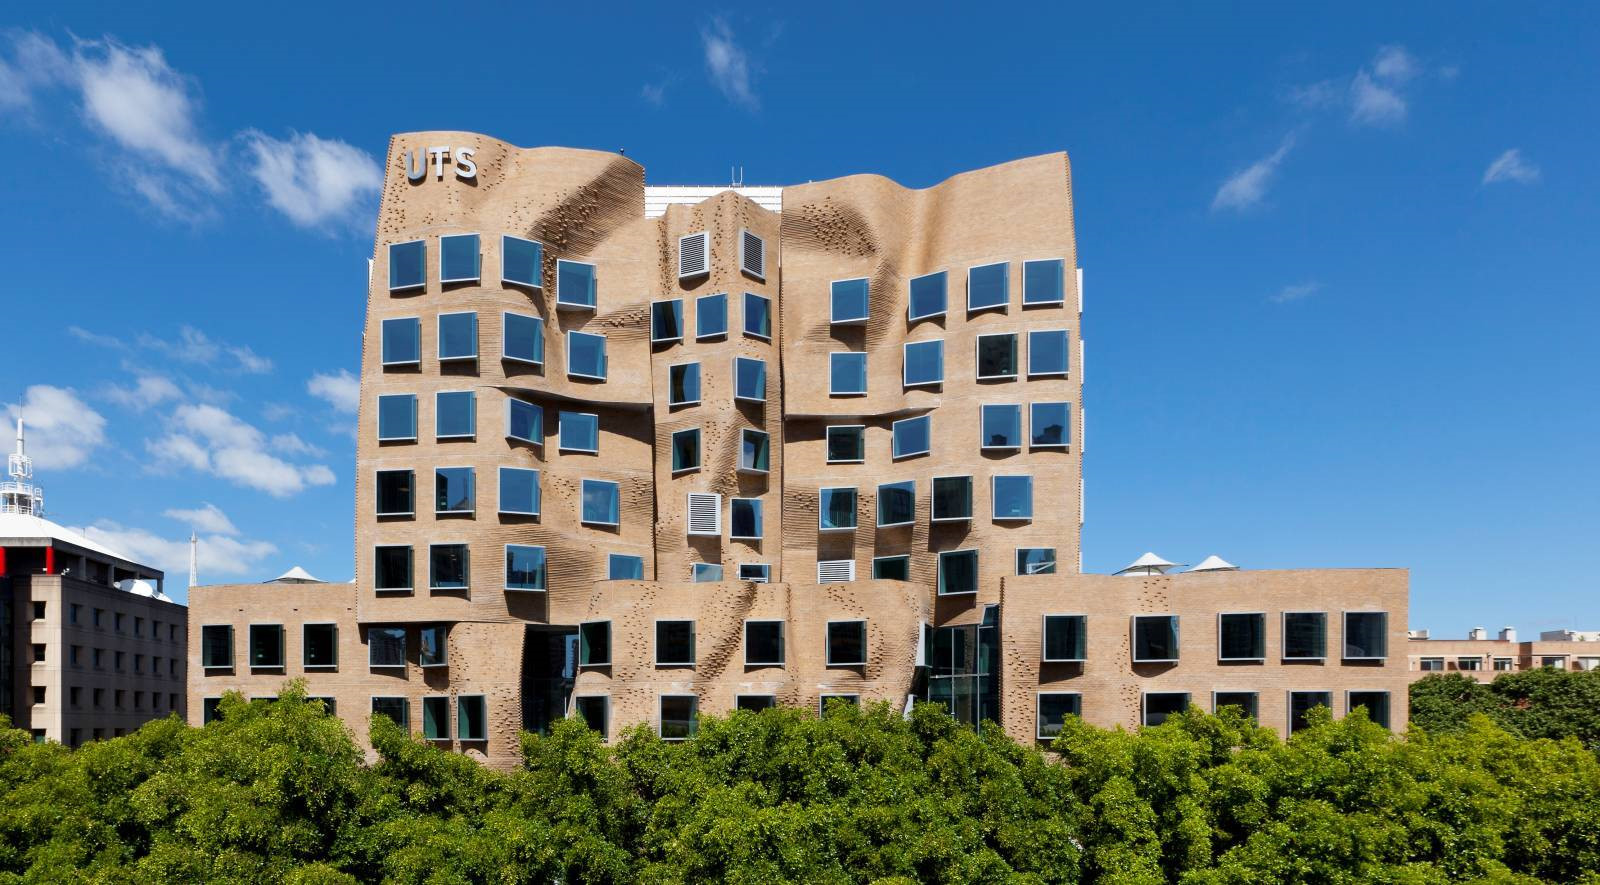 10 tòa nhà méo mó, vặn vẹo như chỉ có trong phim viễn tưởng Ảnh 7